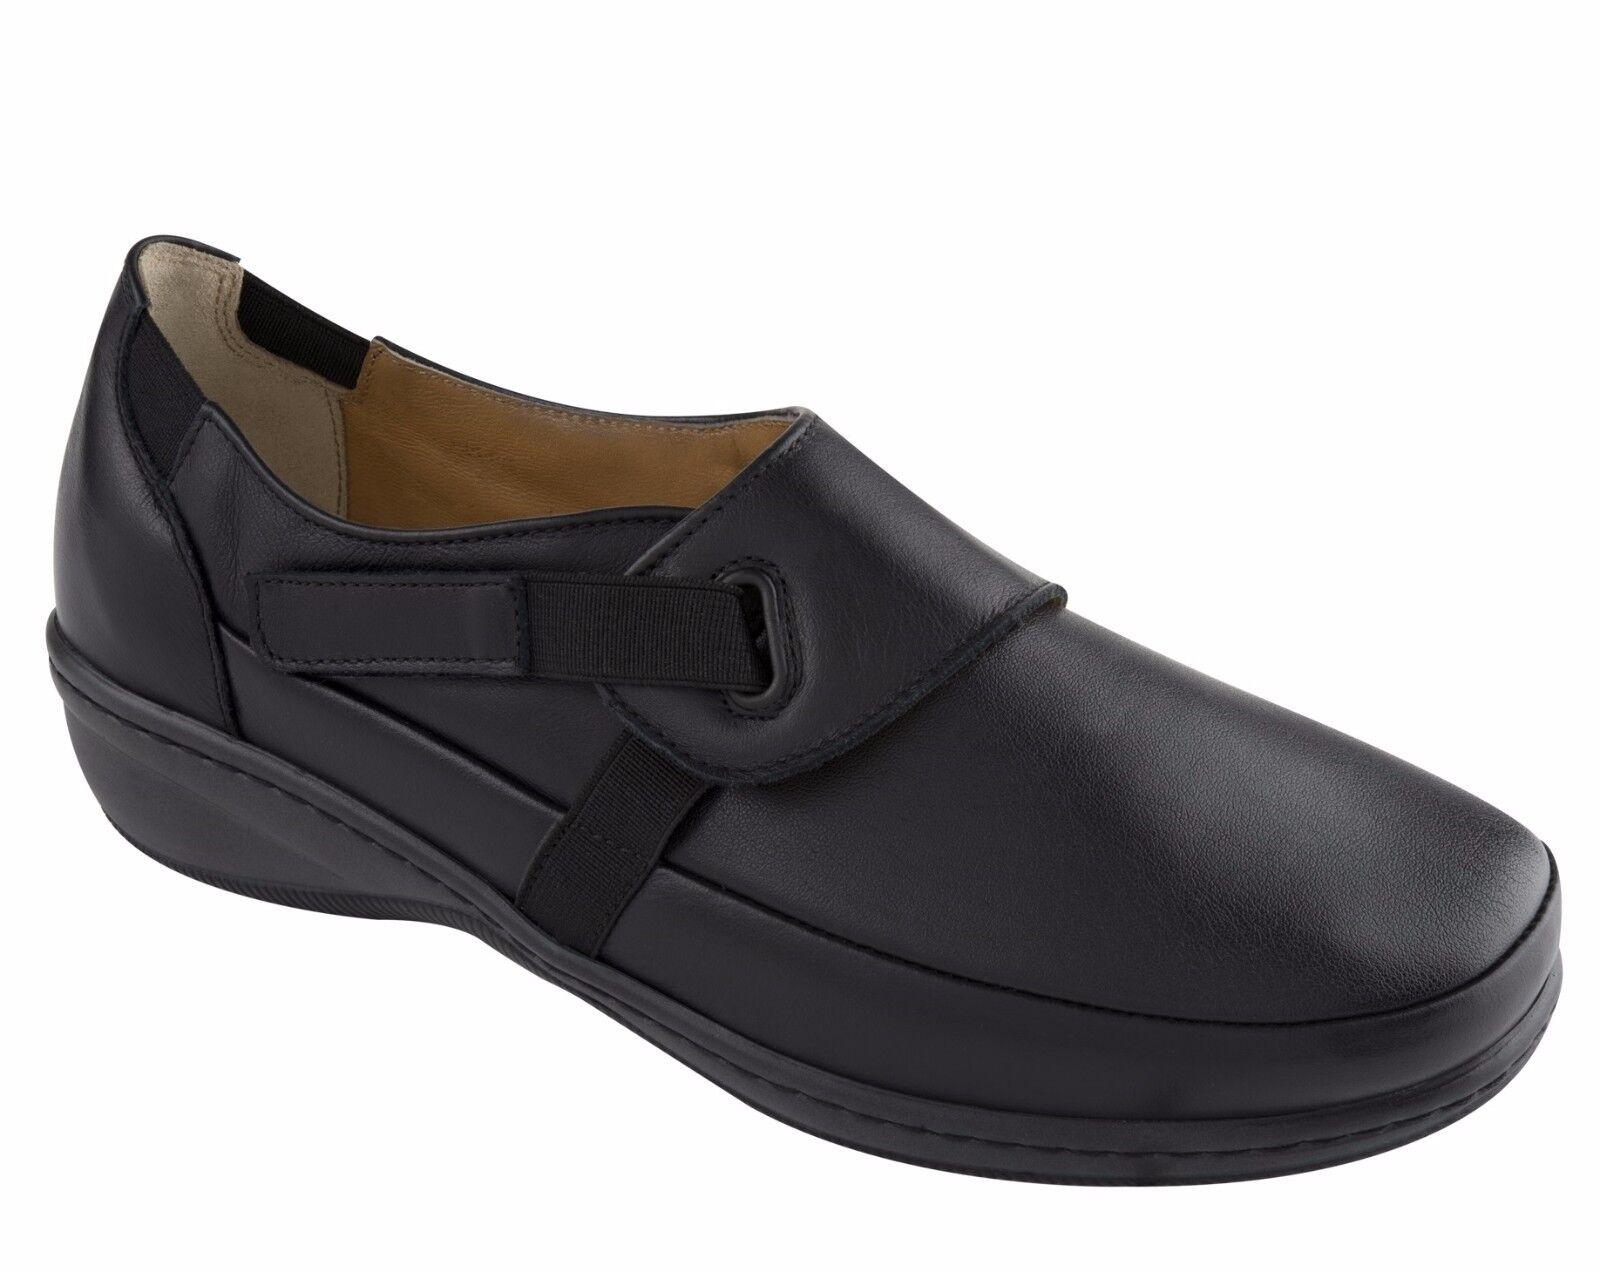 SCHOLL LEVI Removable BioPrint scarpe ginnastica donna mocassino scarpe da ginnastica scarpe pelle nero velcro 2891f8